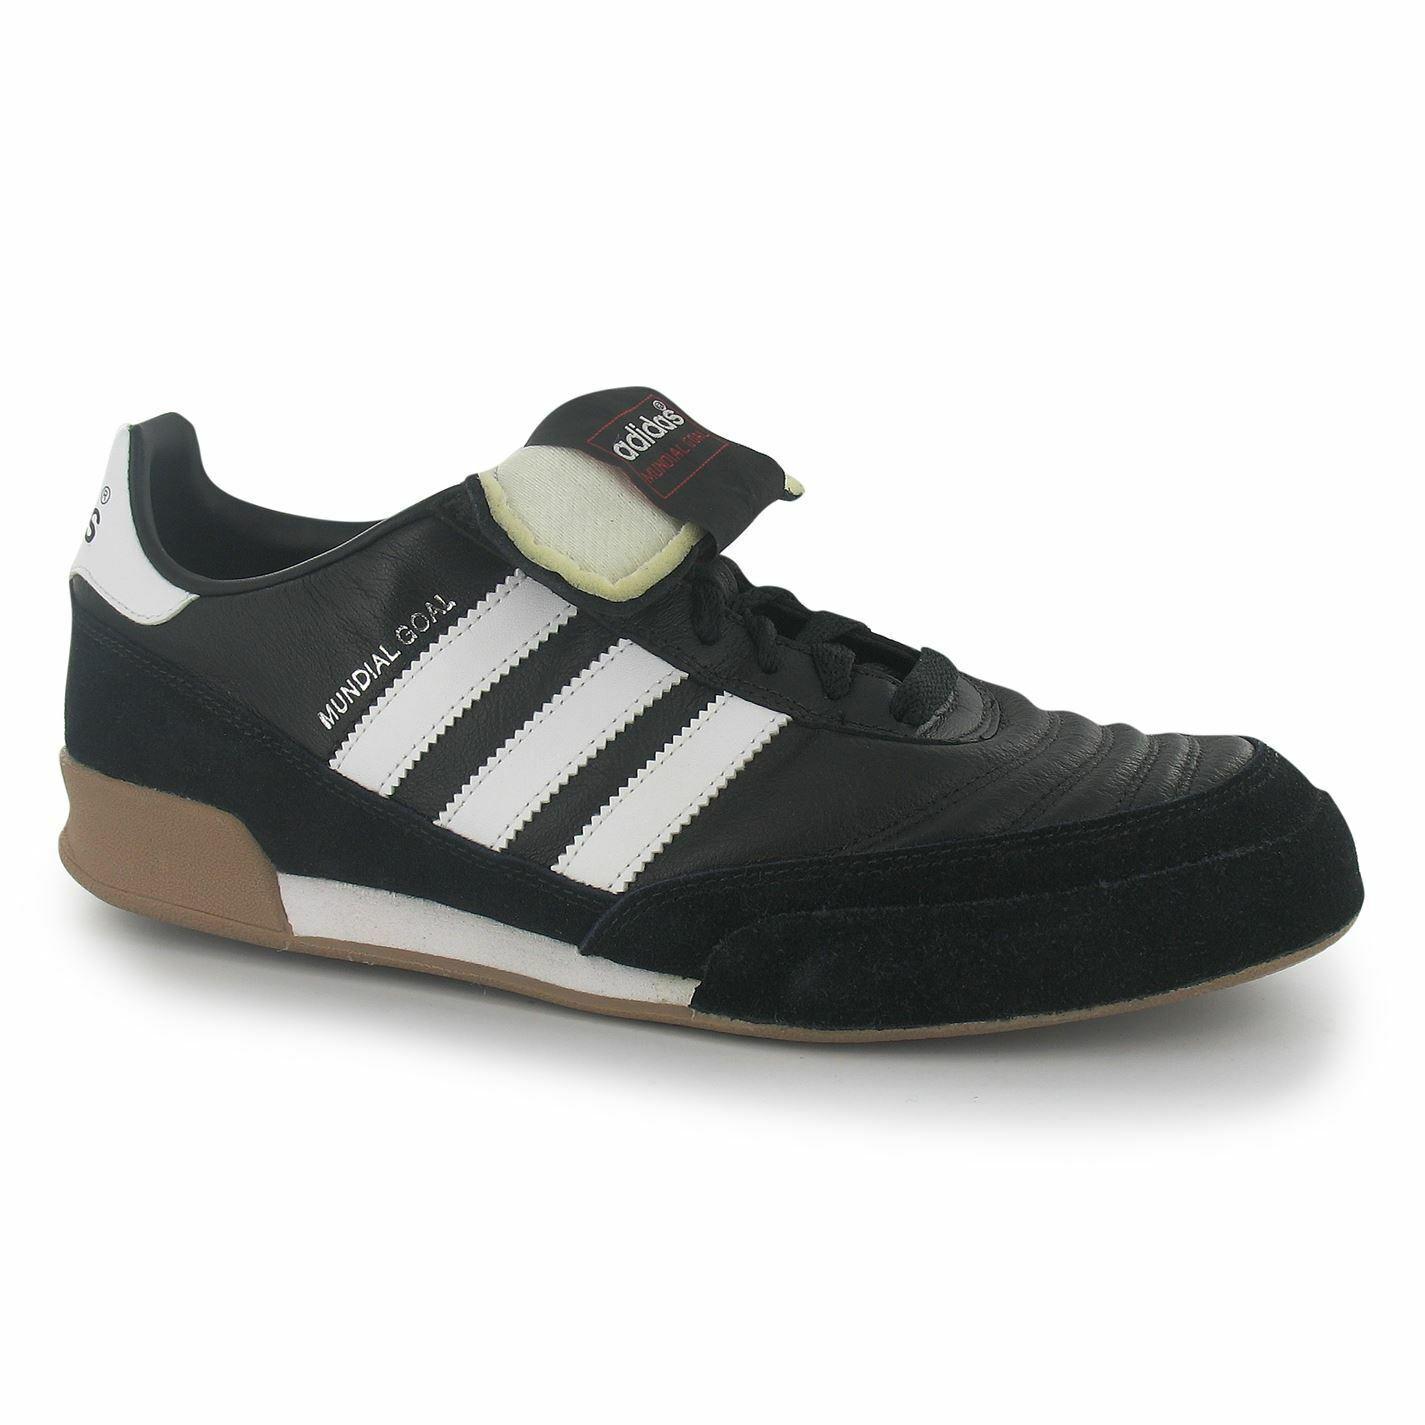 Adidas Mundial Goal Interior fútbol futsal entrenadores para hombre Negro blancoo Zapatillas De Fútbol